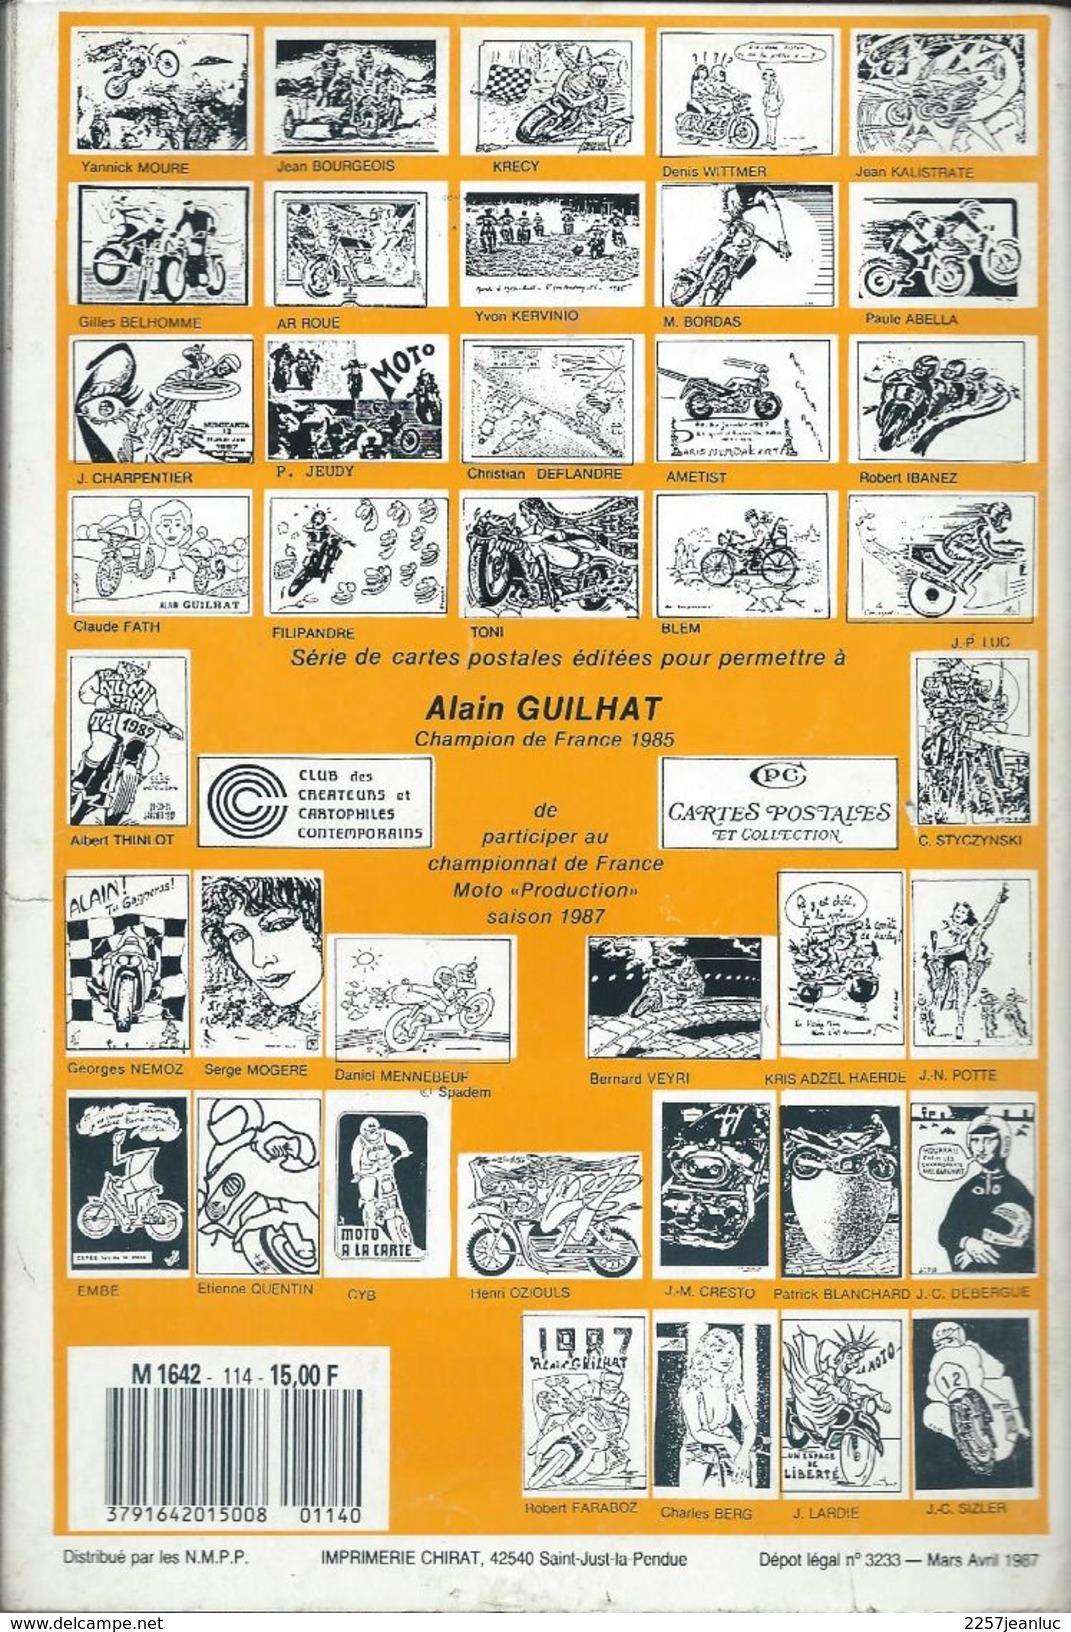 Cartes Postales Et Collections Avril 1987   Magazines N: 114 Llustration &  Thèmes Divers 130 Pages - Français